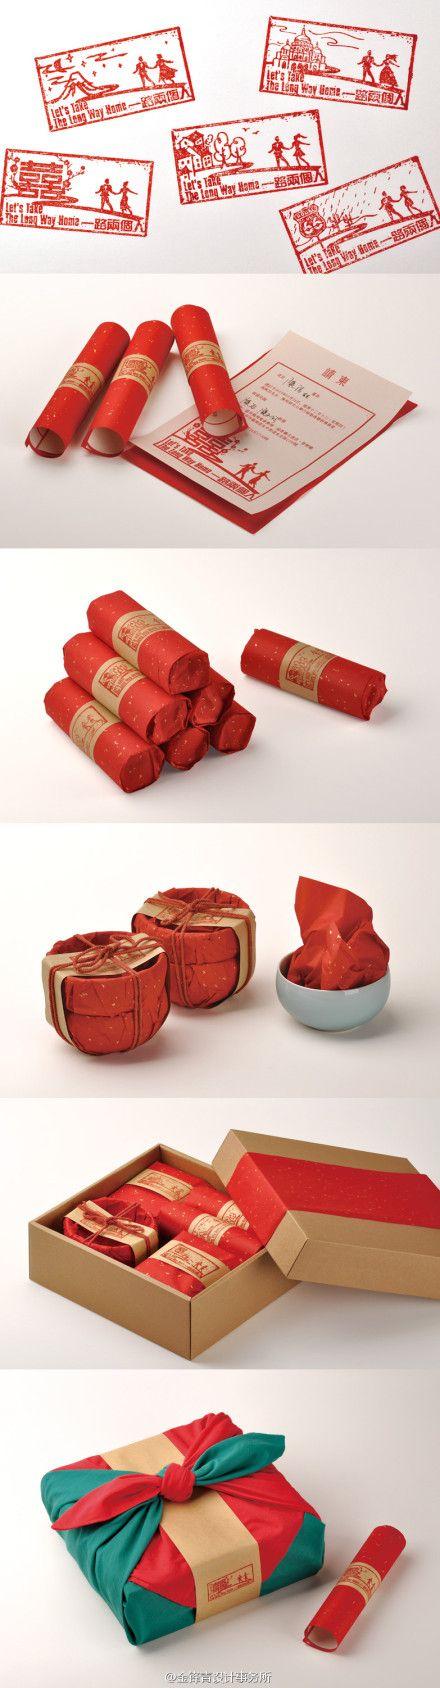 金锋青设计的微博_微博_結婚請柬 assorted products in pretty red #packaging PD